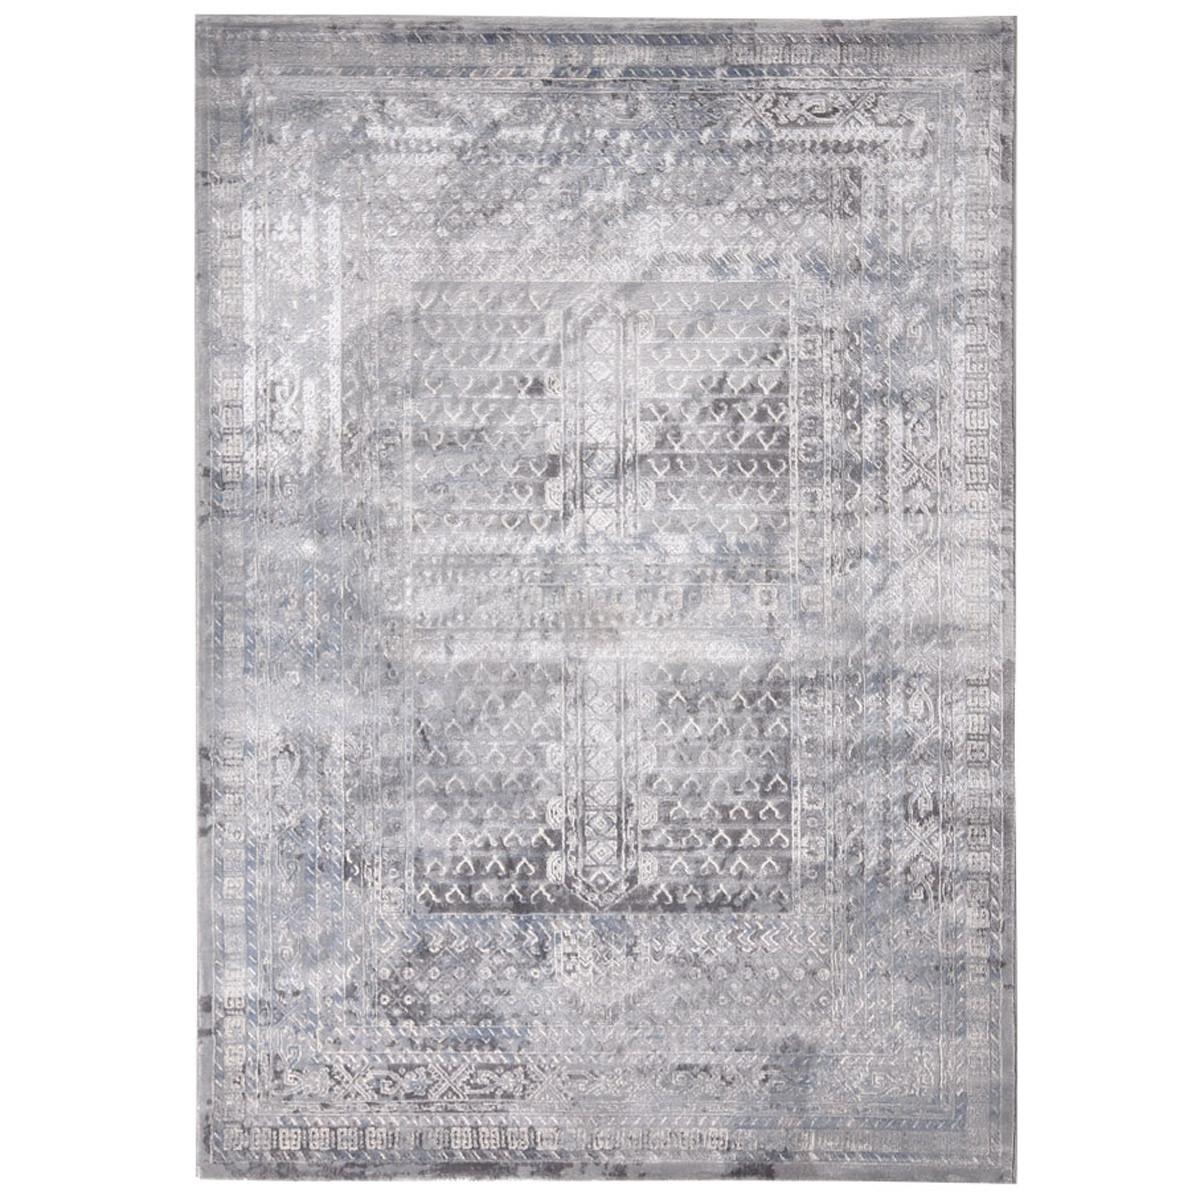 Χαλιά Κρεβατοκάμαρας (Σετ 3τμχ) Royal Carpets Jersey 167 A home   χαλιά   χαλιά κρεβατοκάμαρας